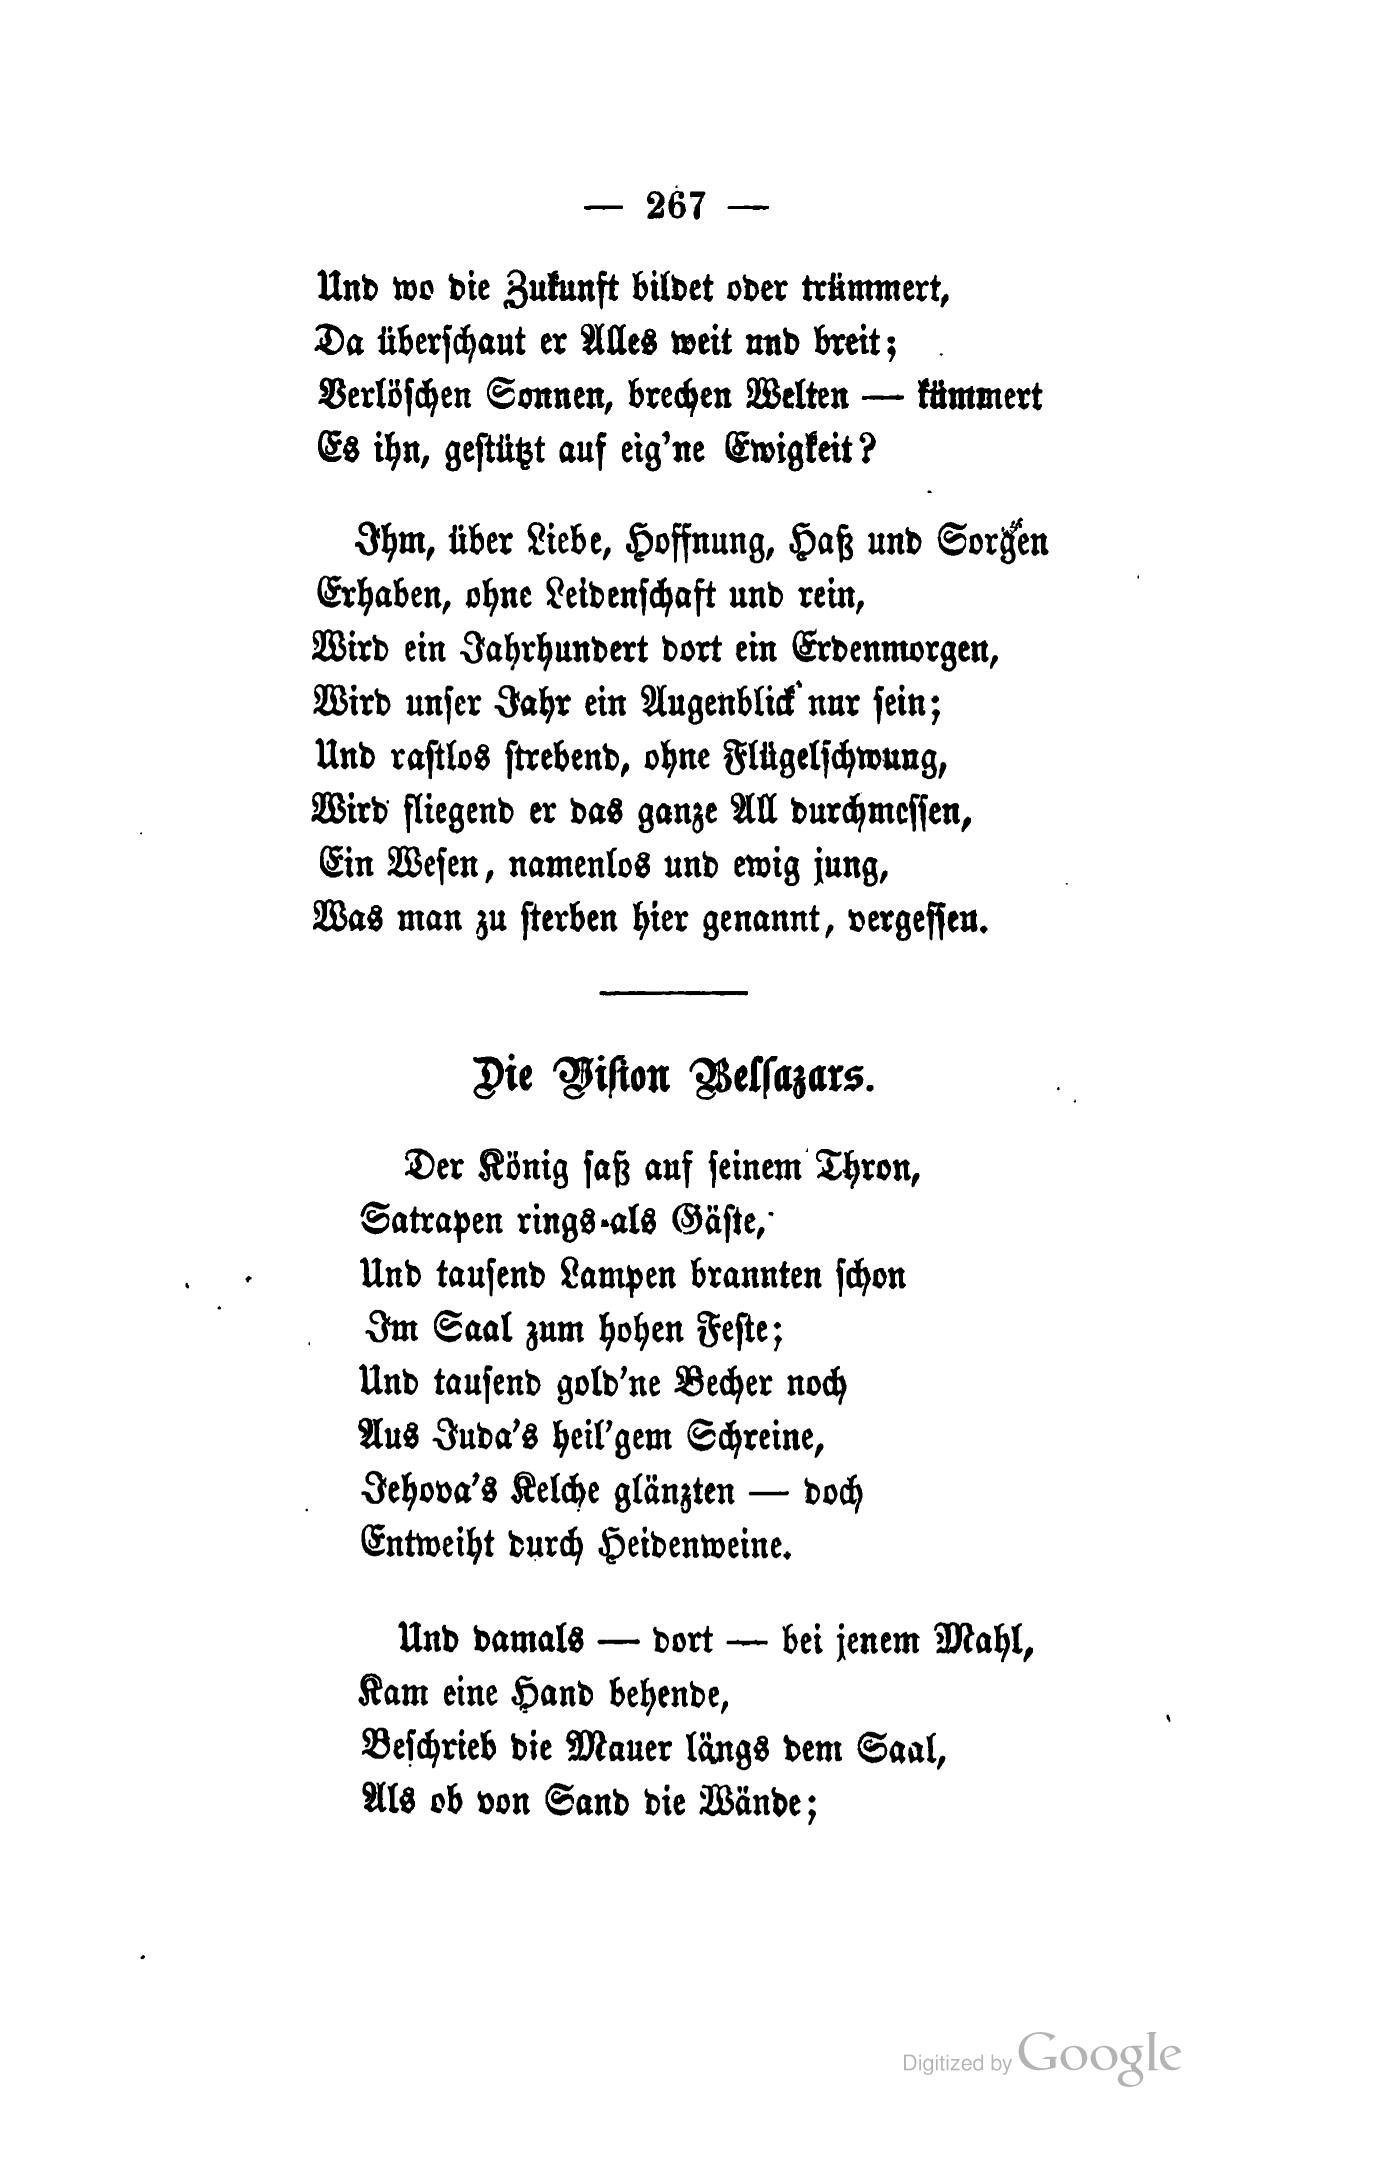 Filejoseph Emanuel Hilscher Gedichte 267jpg